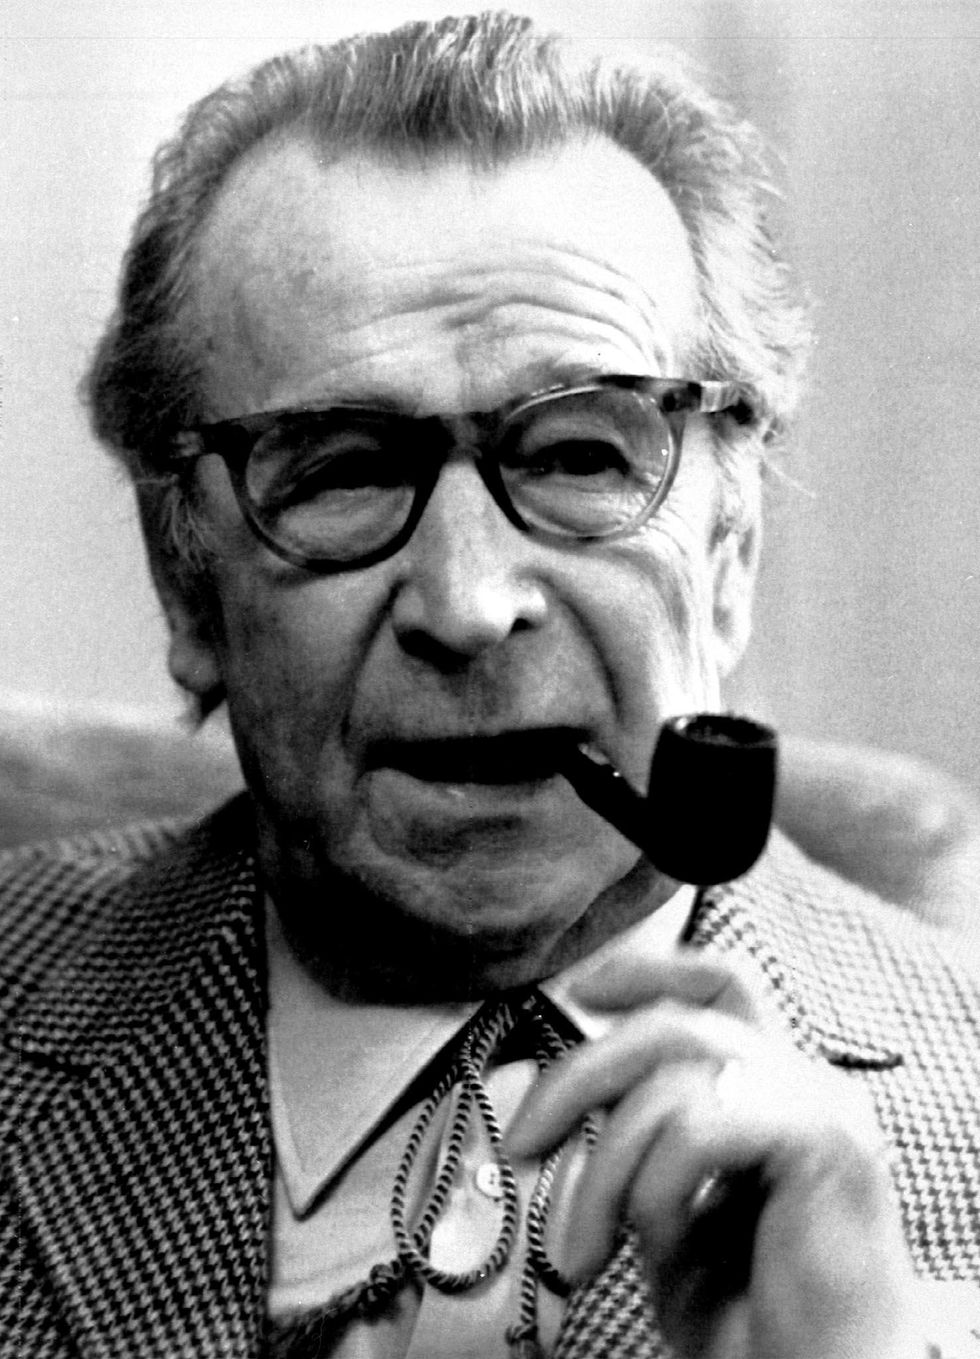 I complici: una storia come le altre, ma con la grazia narrativa di Simenon